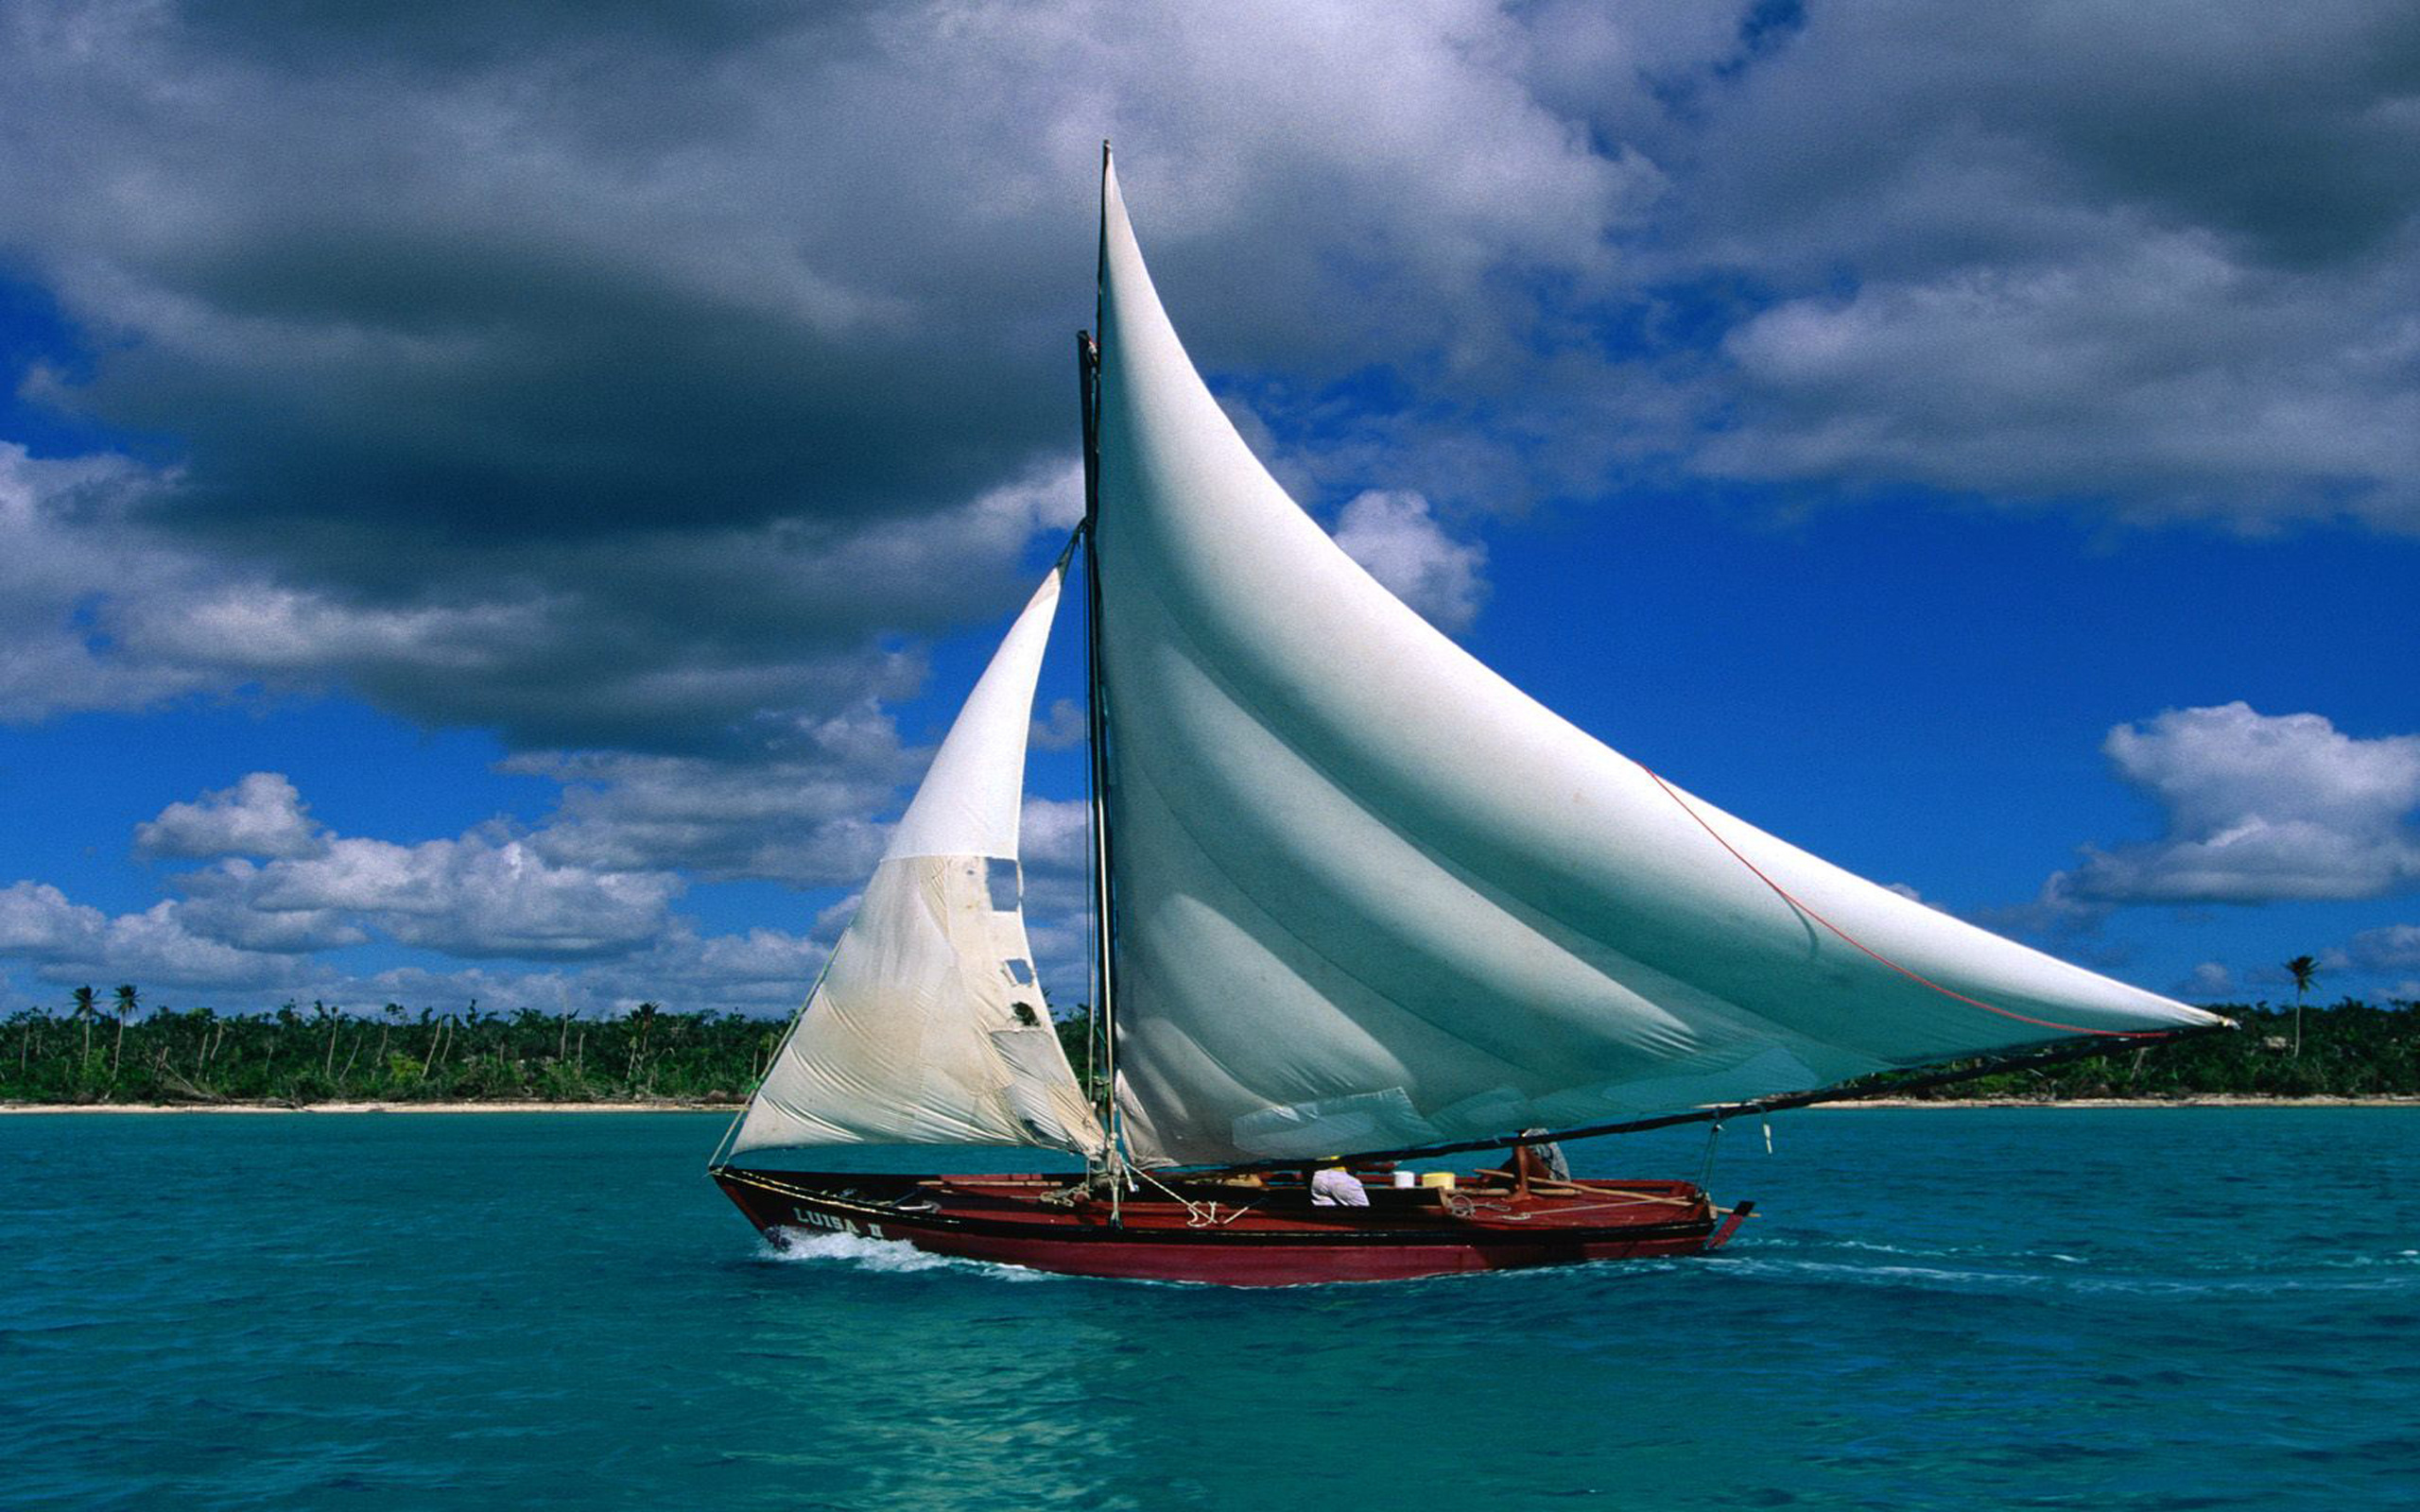 фото лодки с парусами открыточки